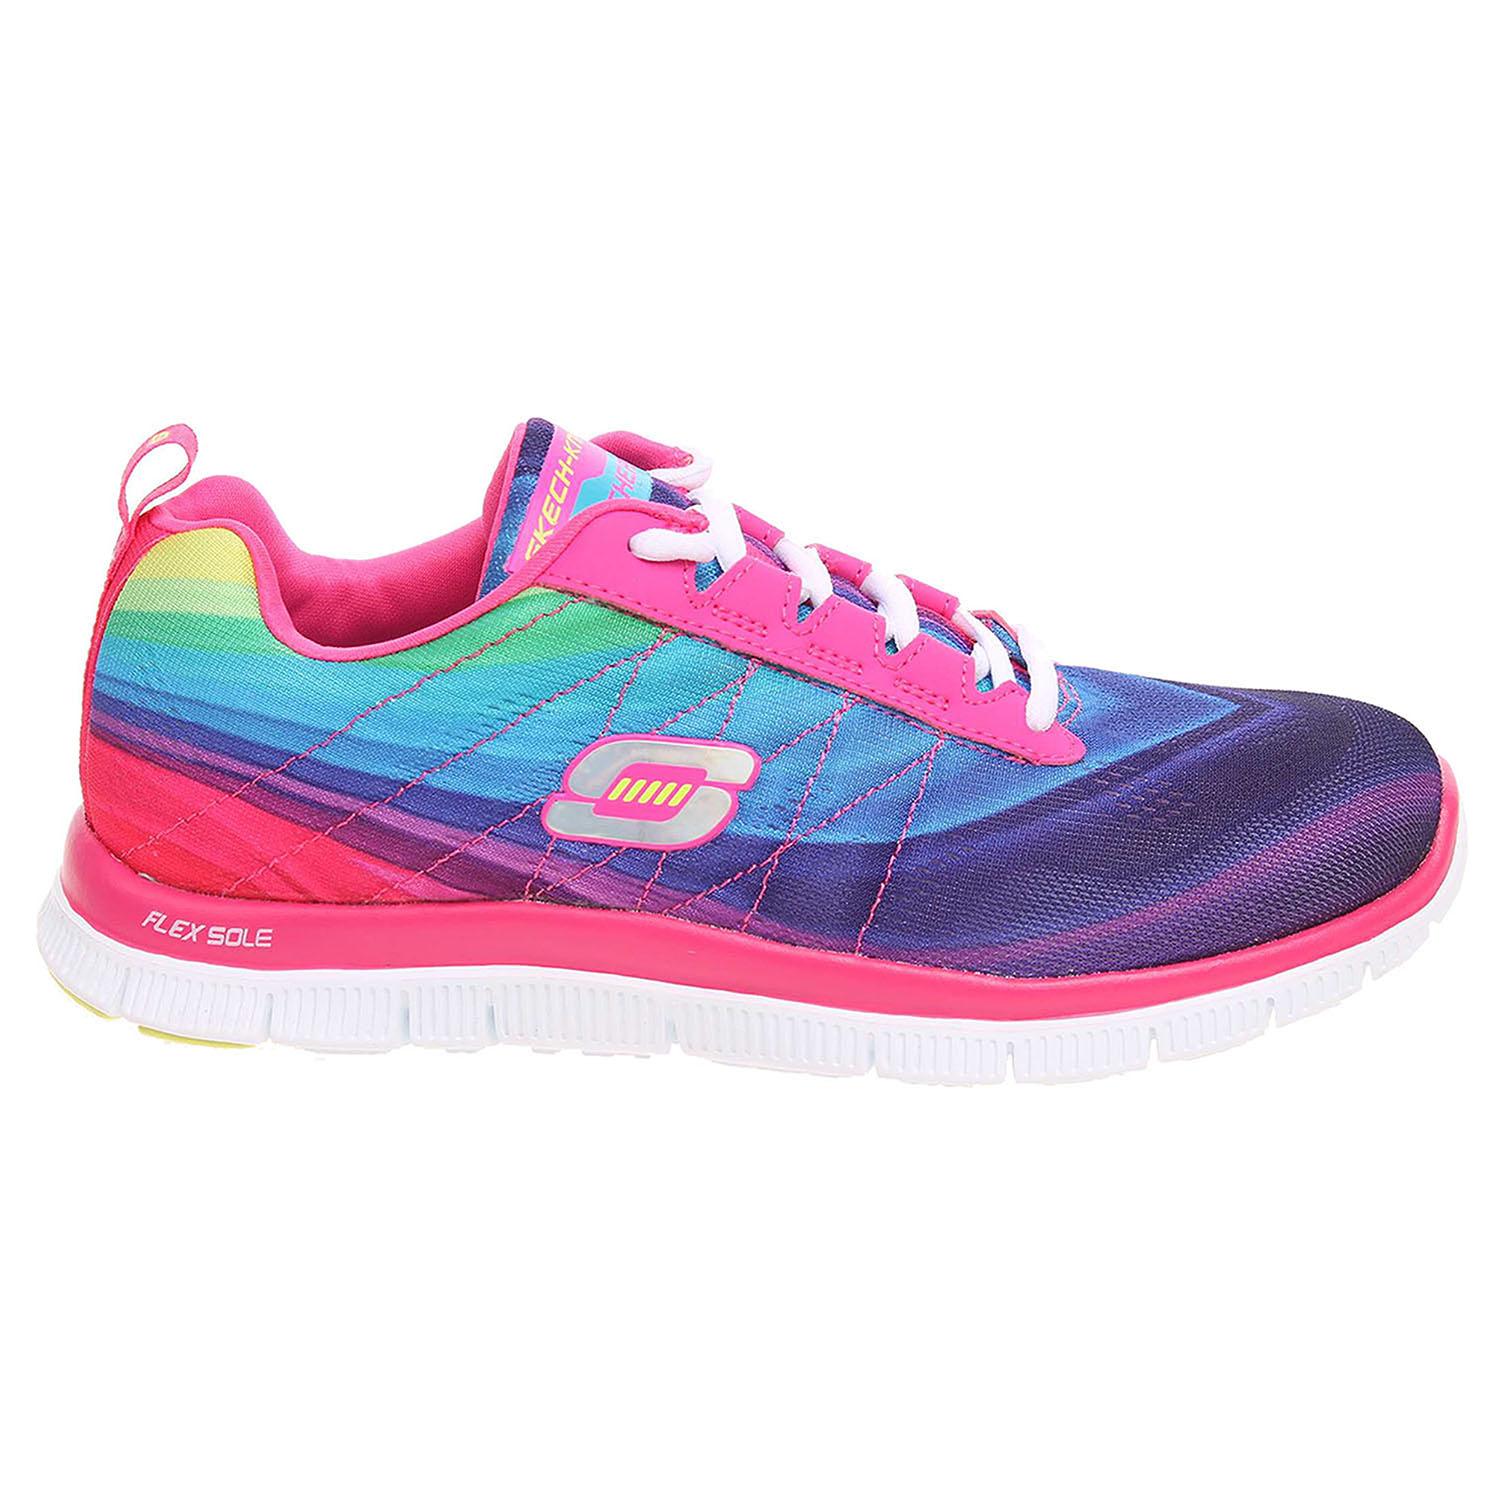 Ecco Skechers Pretty Please hot pink-multi 23900145